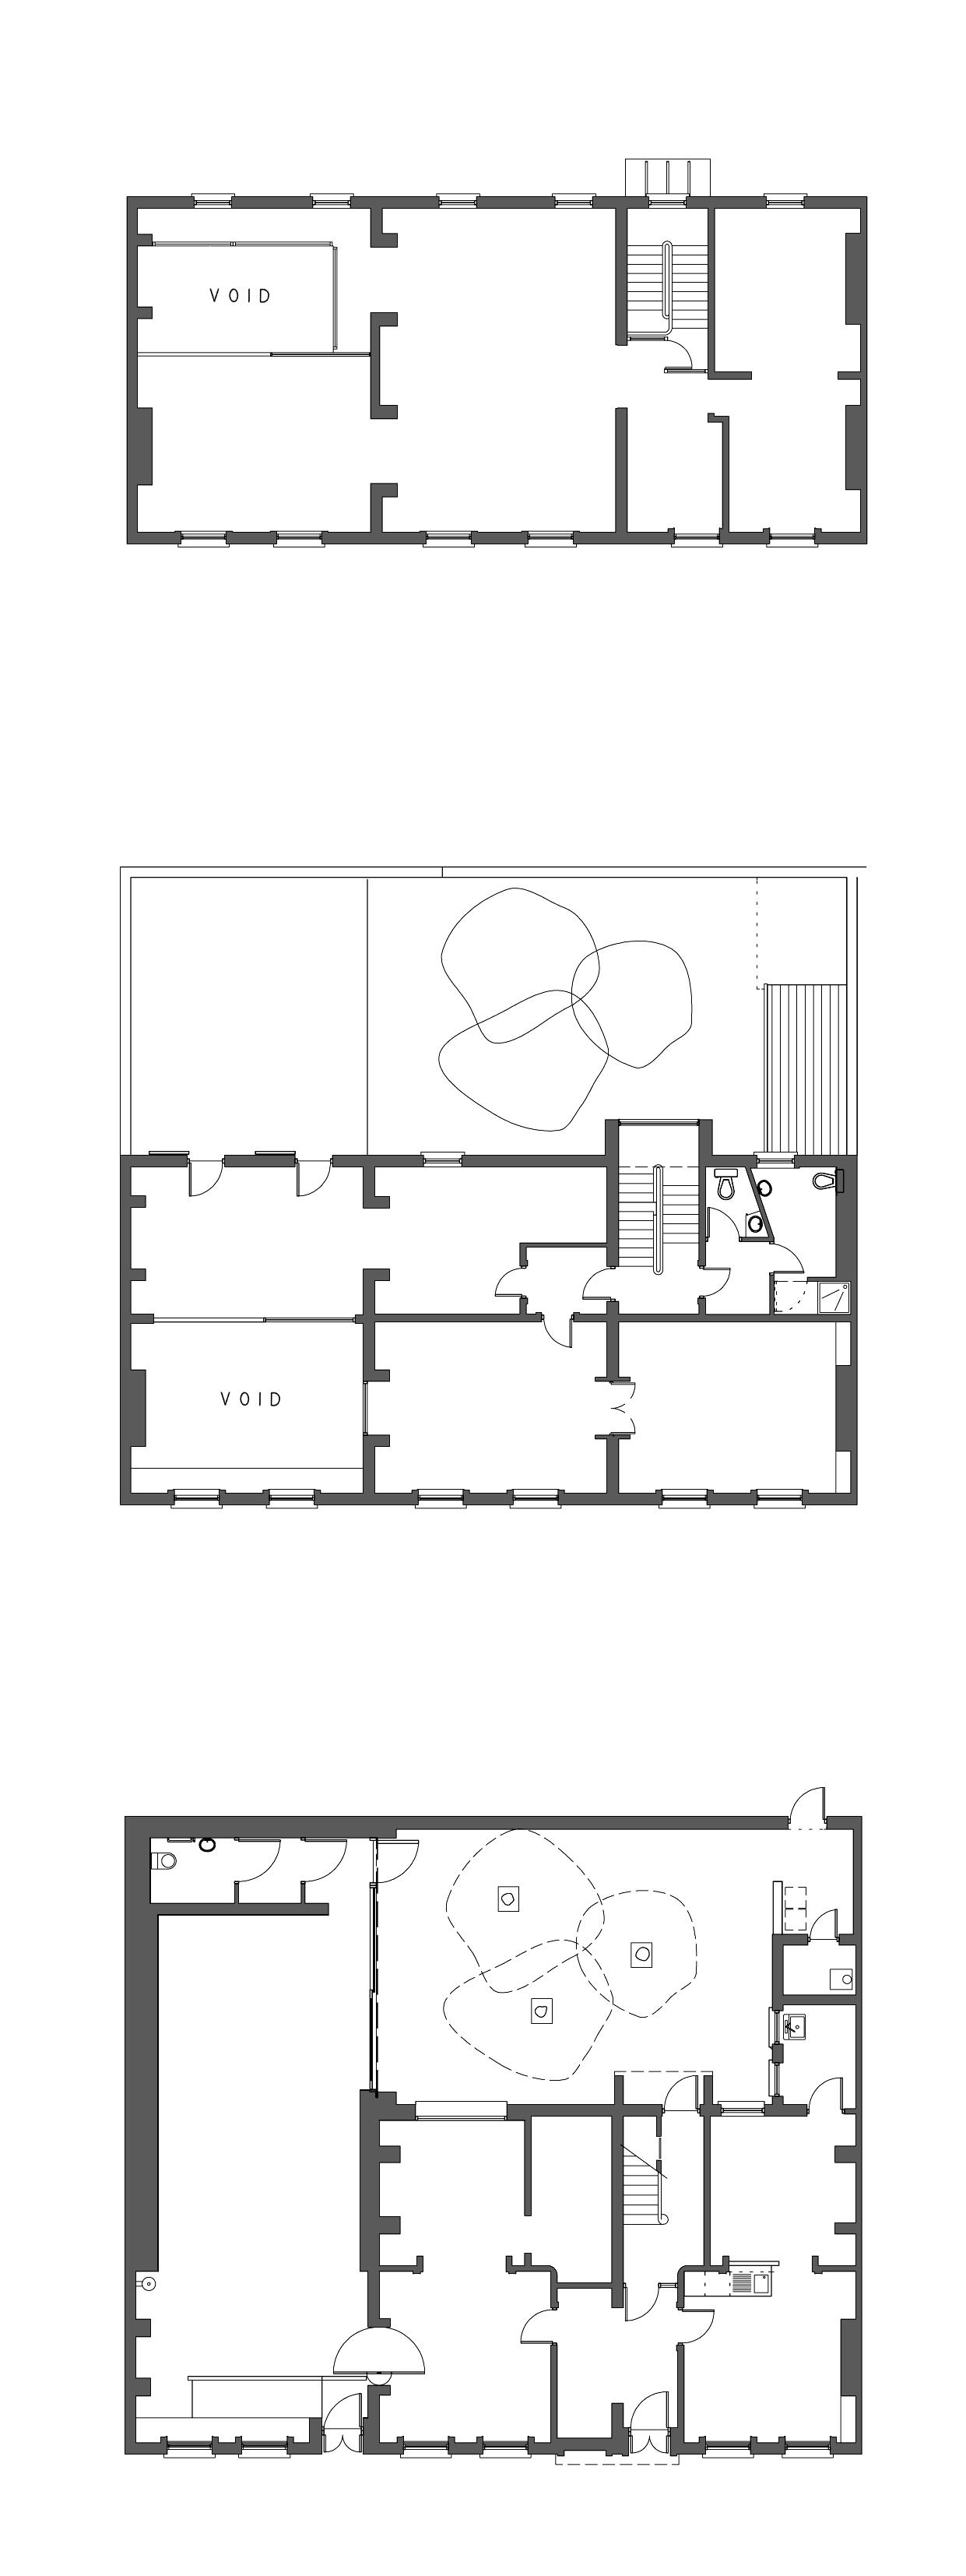 Office Plans.jpg